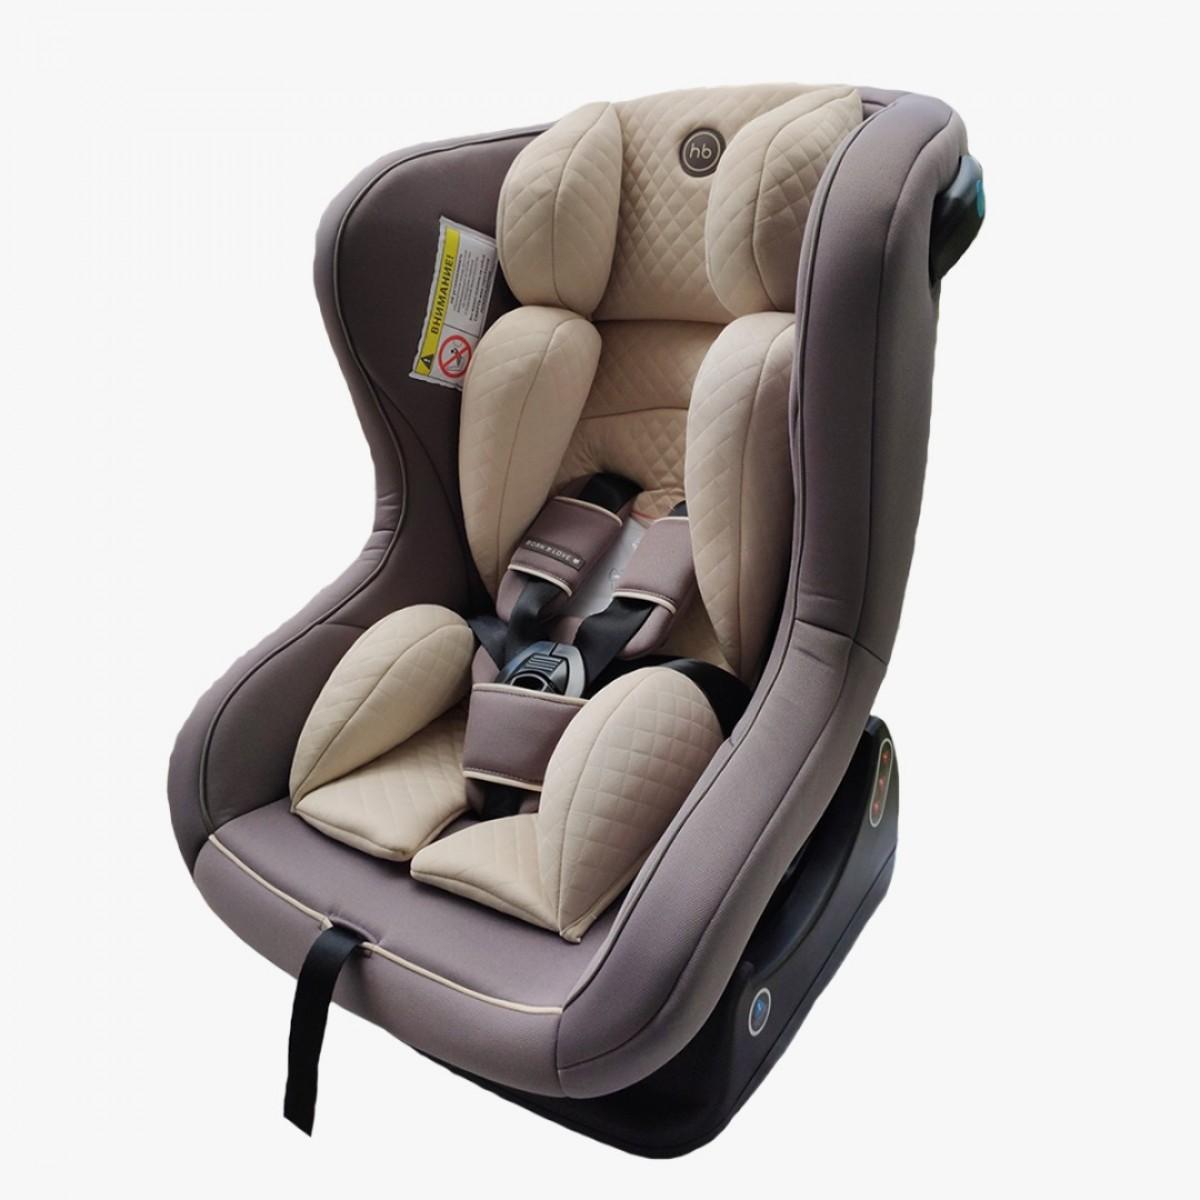 MORROW CAR SEAT - Kico Baby Center